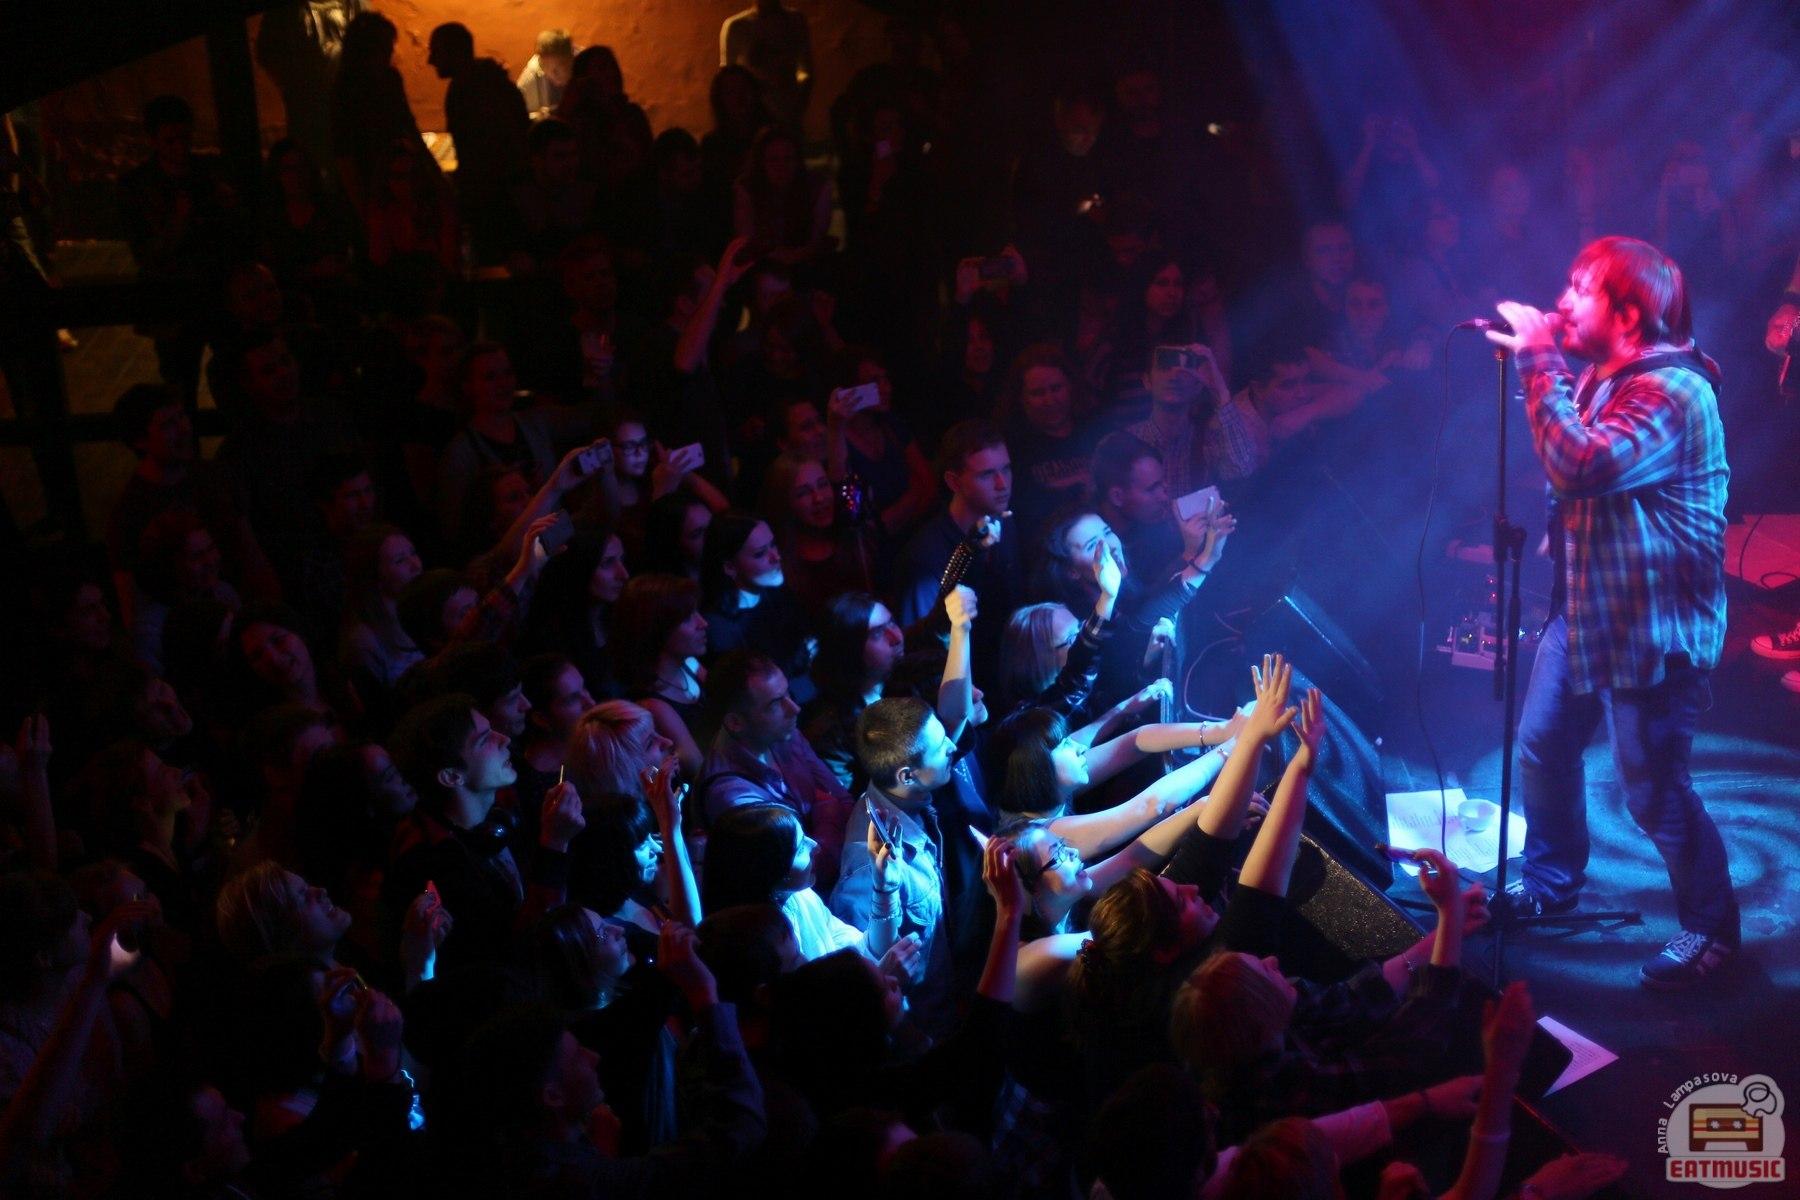 Концерт группы Дельфины (ех-Мёртвые Дельфины) в клубе Brooklyn